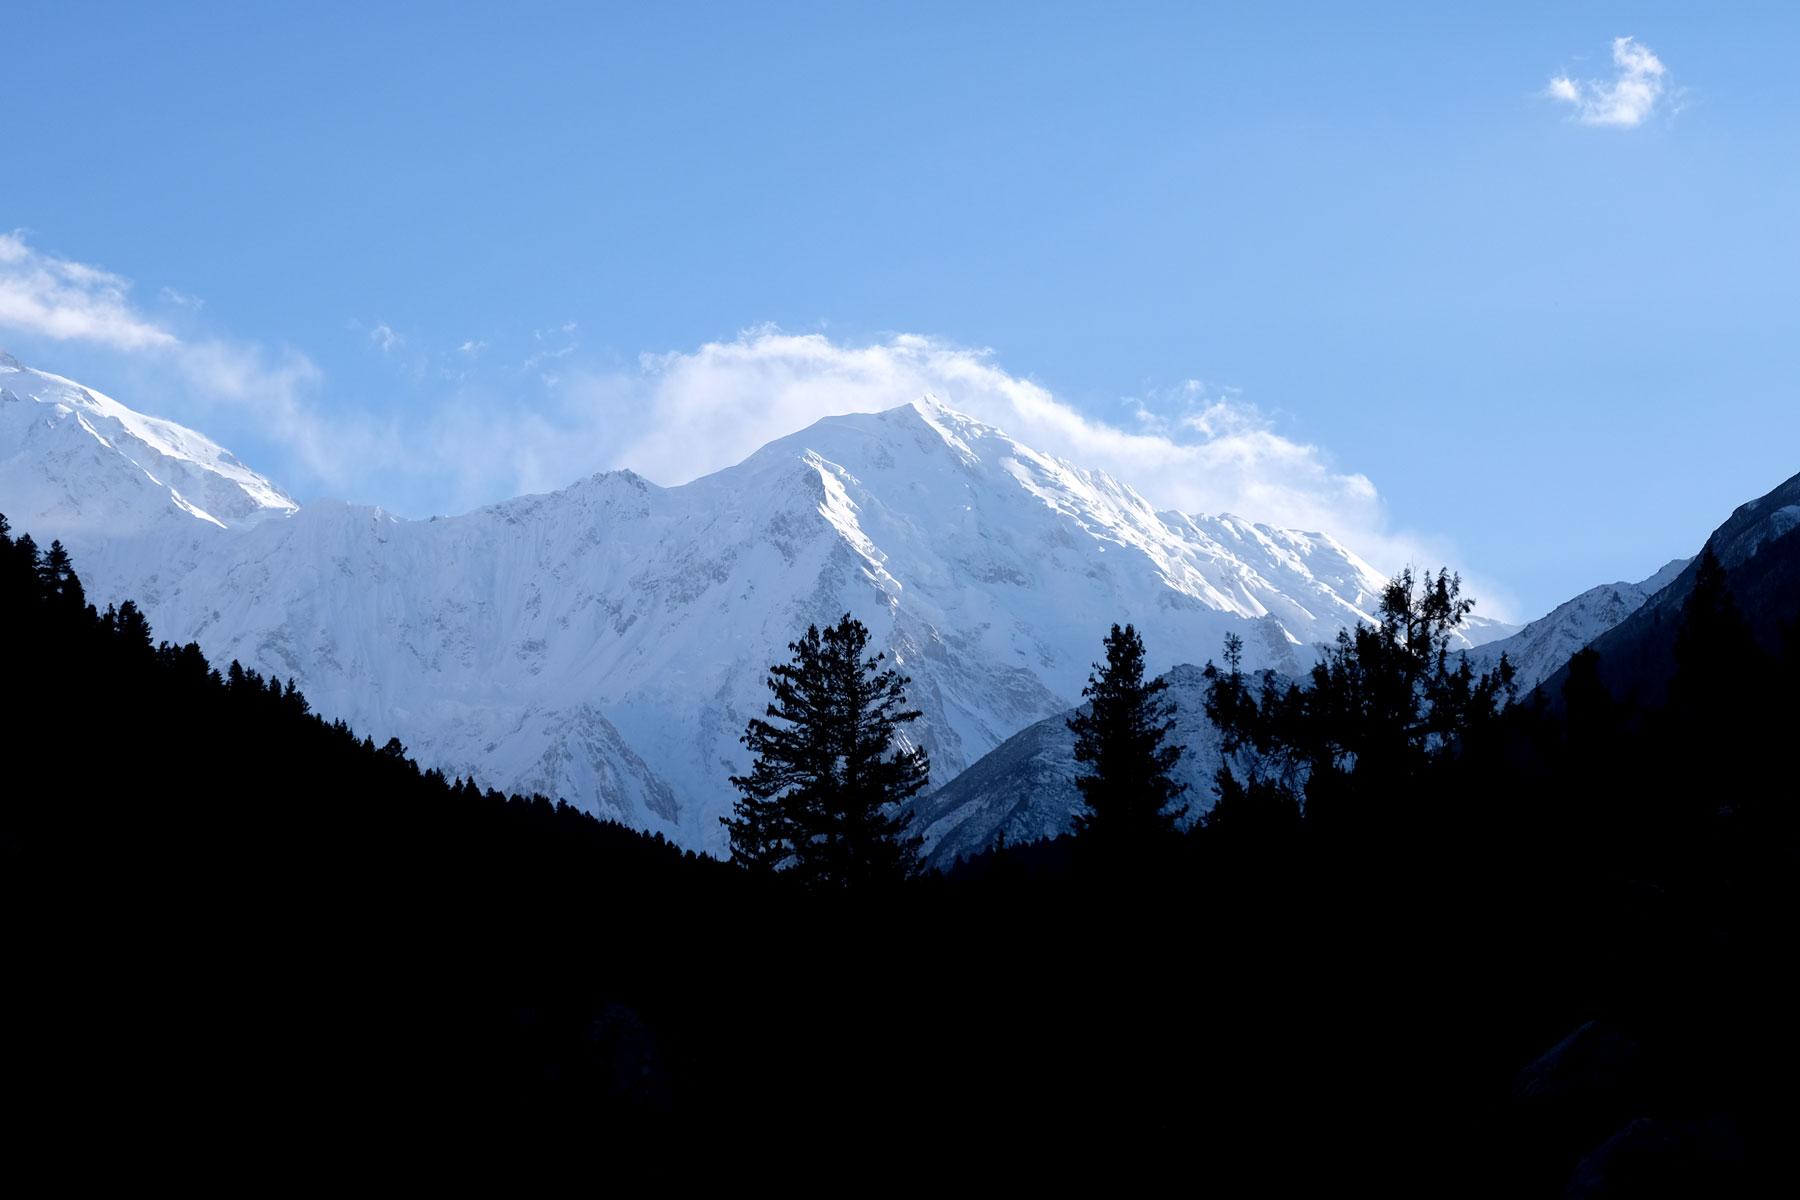 Wir erhaschen den ersten Blick auf den Nanga Parbat, der mit 8.125m der neunthöchste Berg der Erde ist